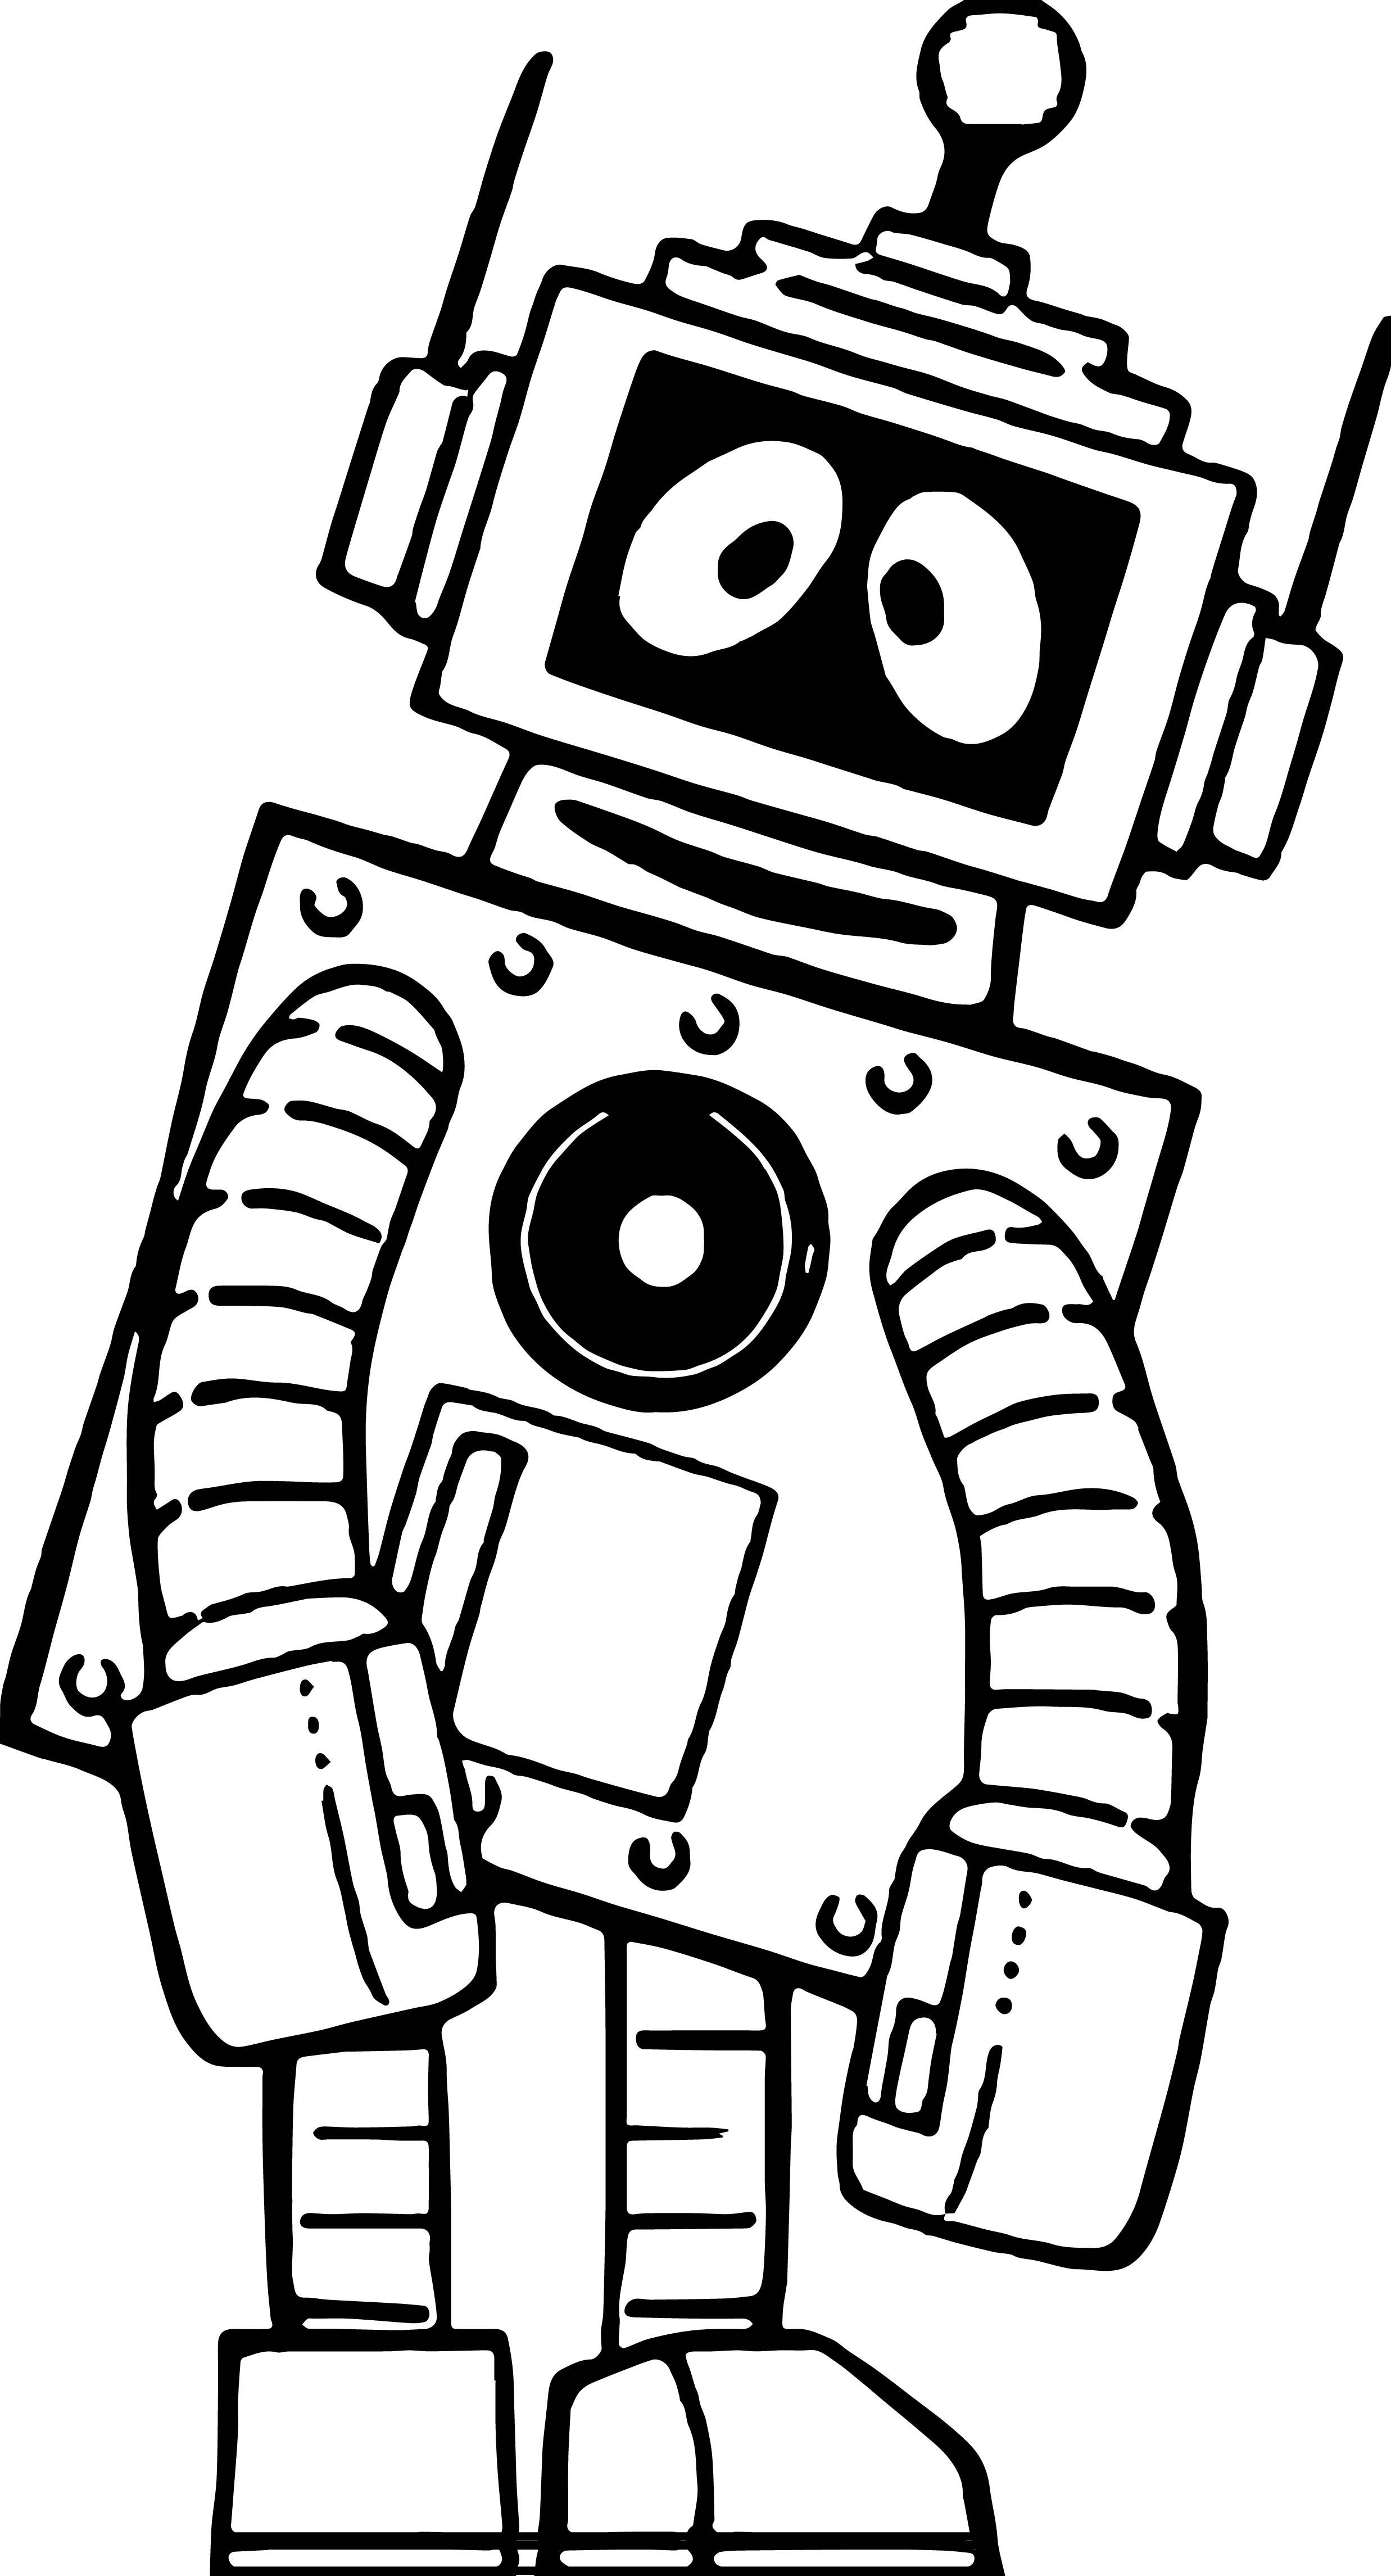 Fatique Robot Coloring Page